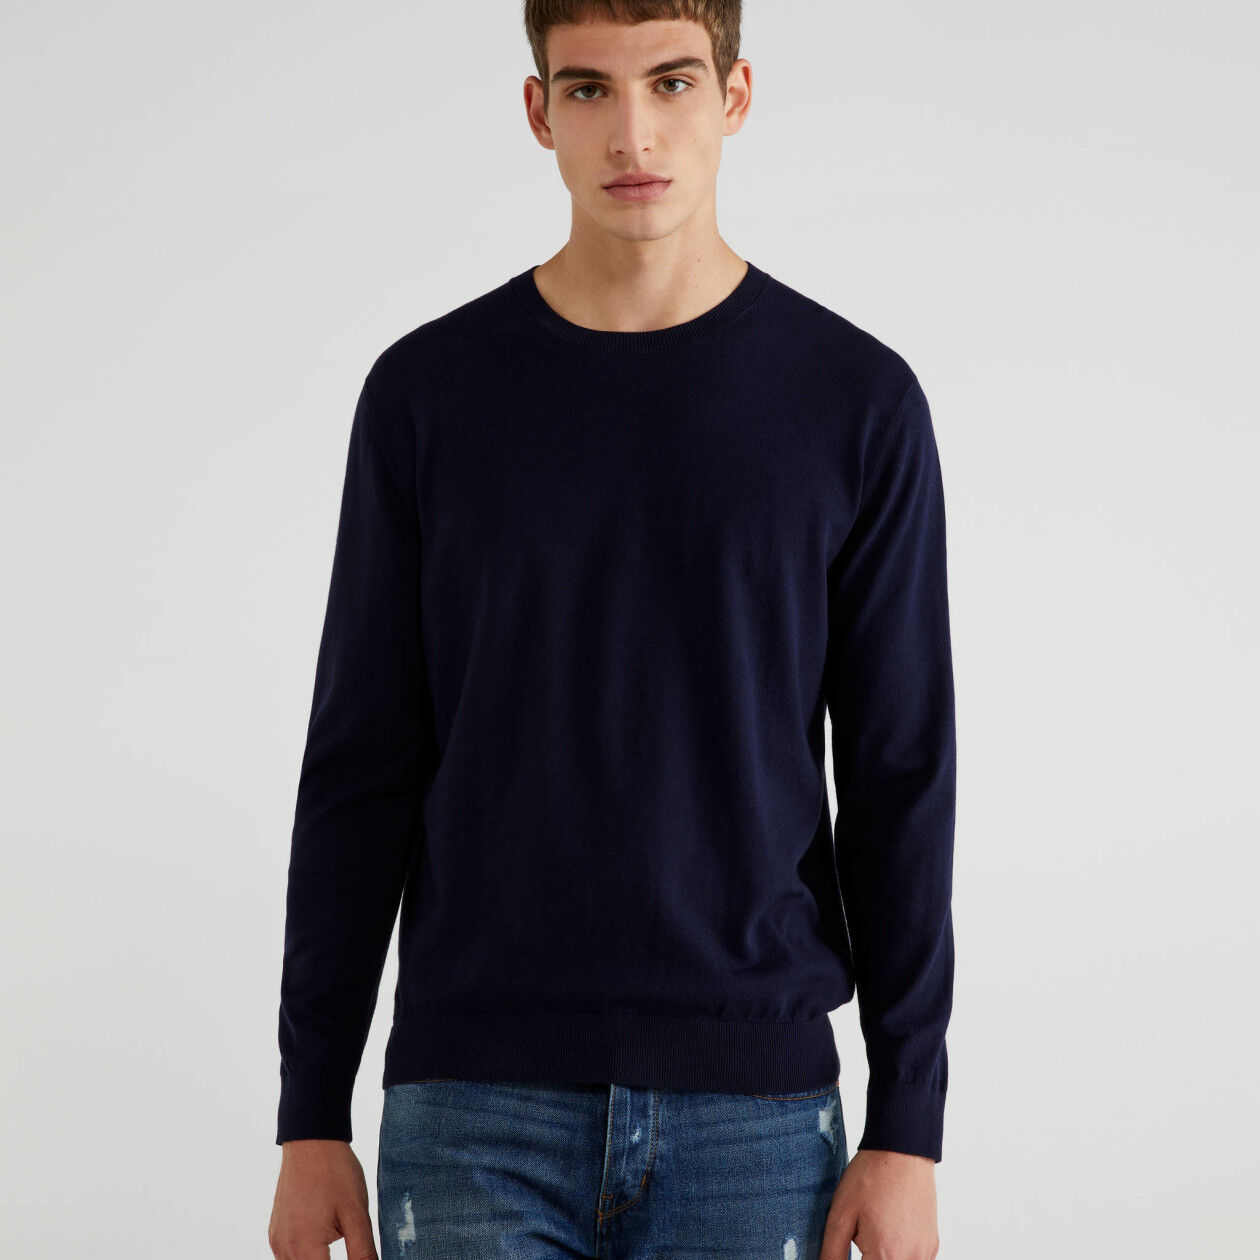 Camisola de gola redonda em algodão tricot